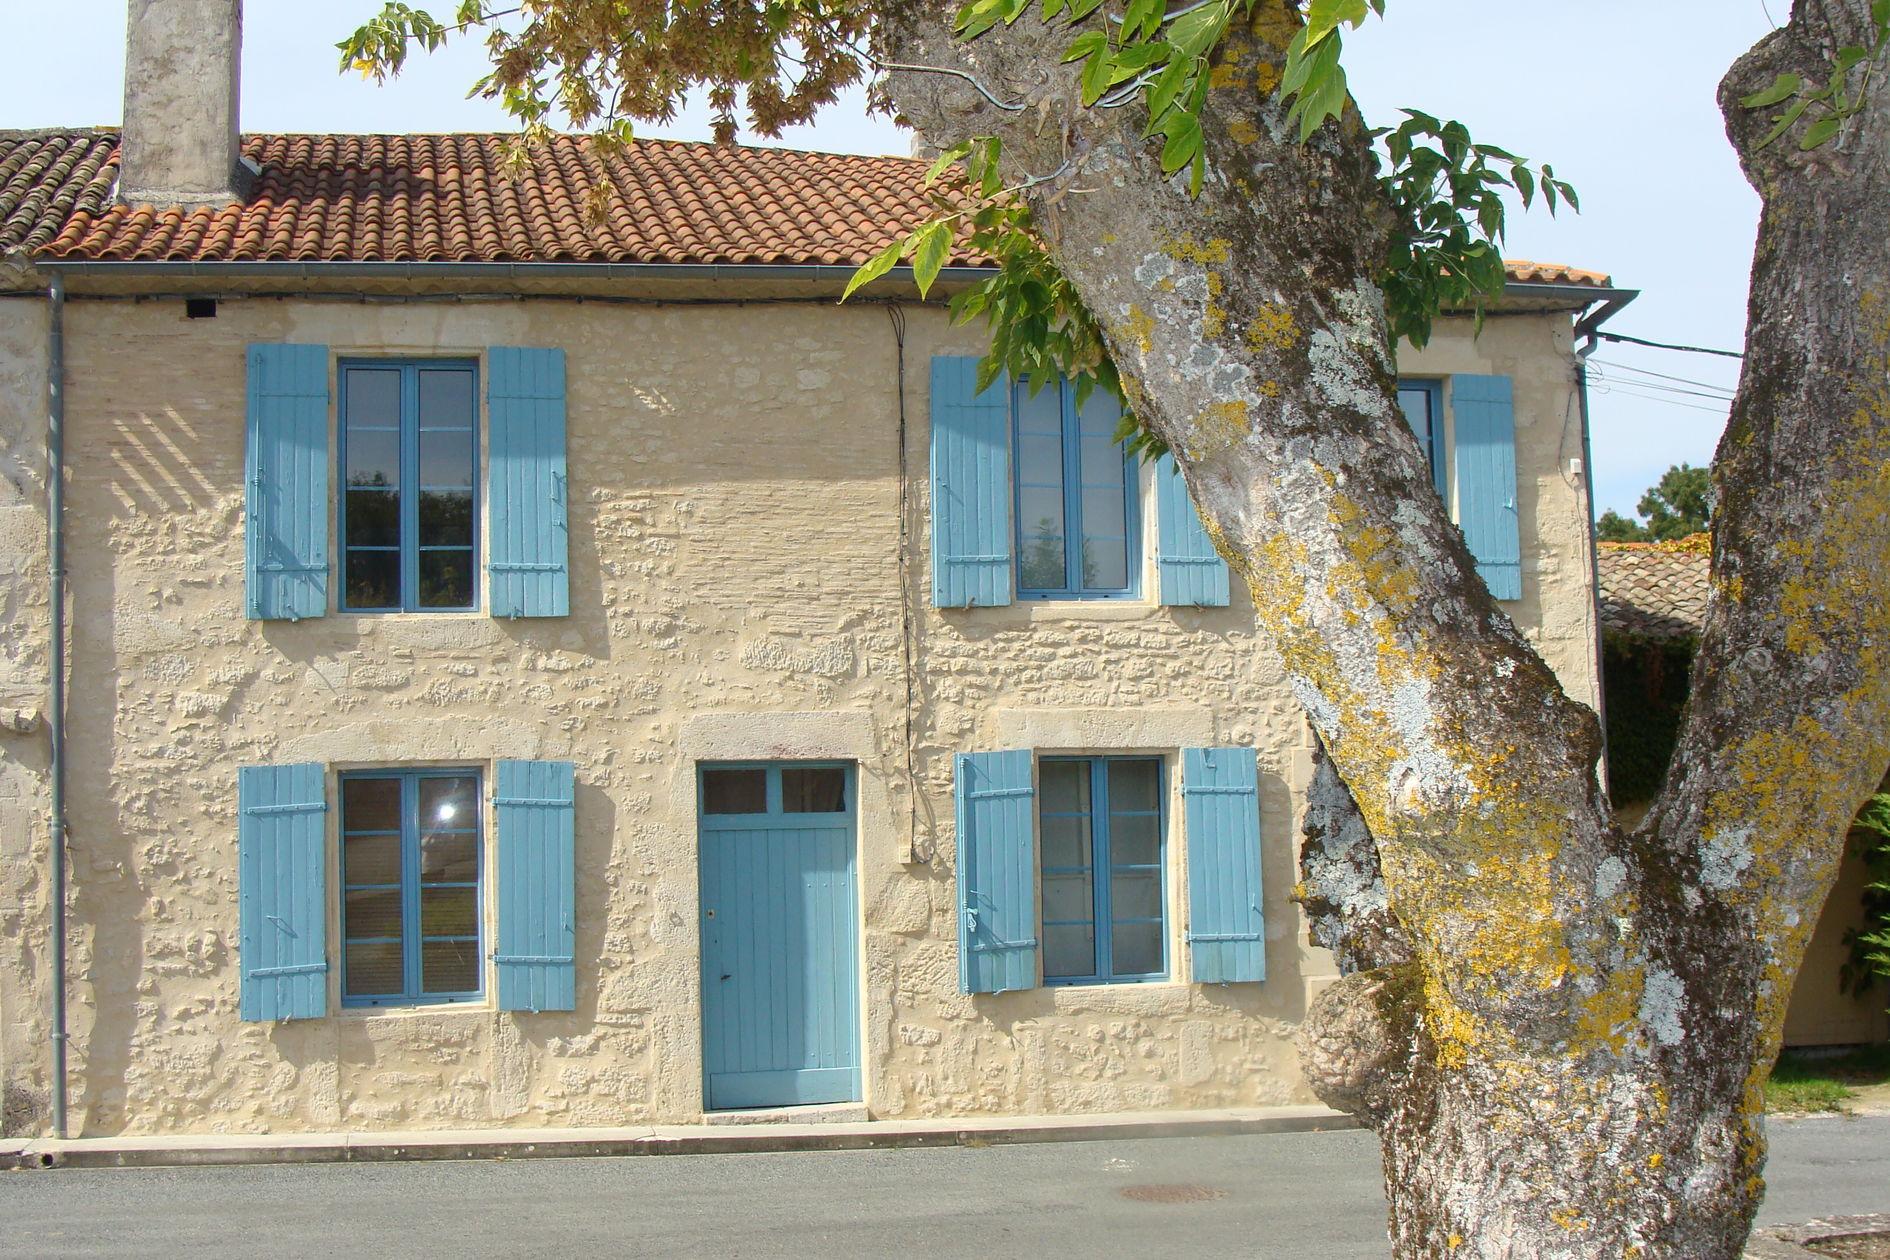 """Boutique Maison Gurson """"Dorpshuis La Maison aux Volets Bleus"""""""